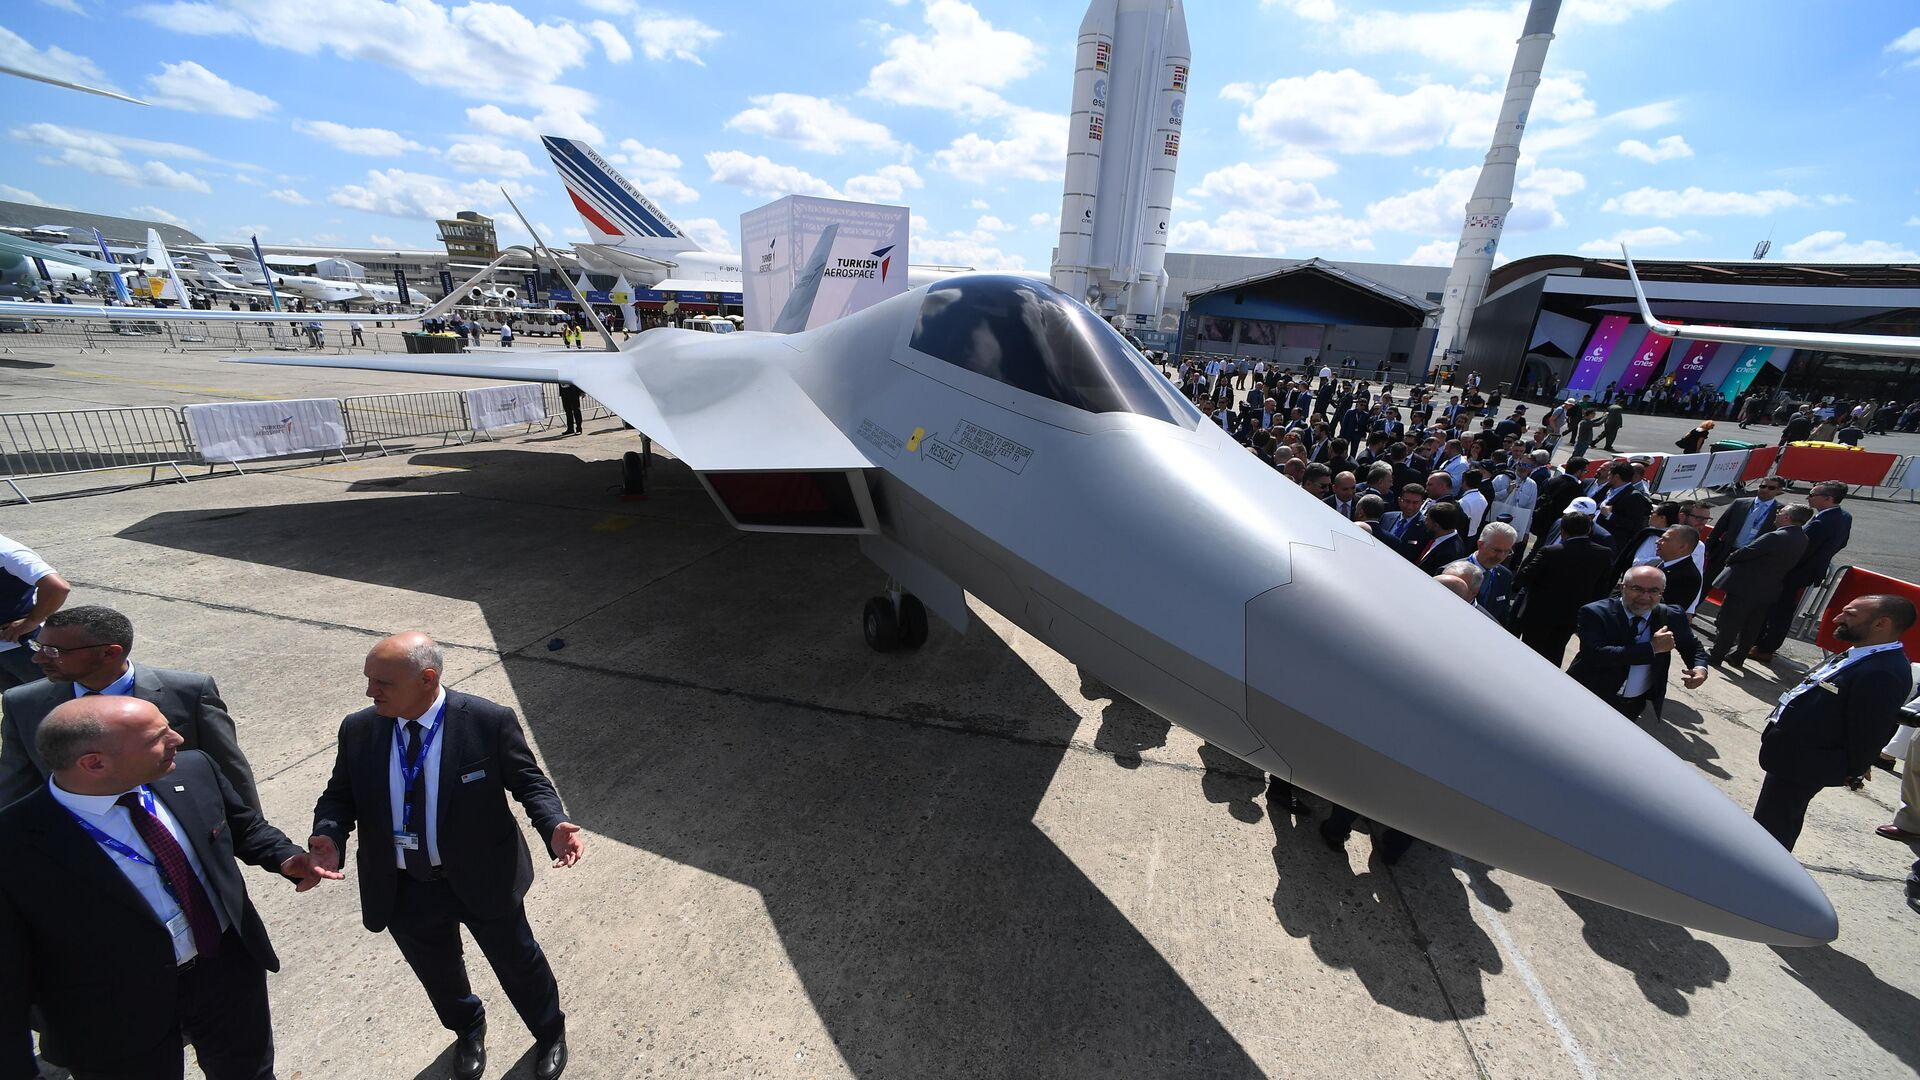 Полноразмерный макет новейшего турецкого истребителя пятого поколения TF-X на международном аэрокосмическом салоне Paris Air Show 2019 - РИА Новости, 1920, 04.05.2021